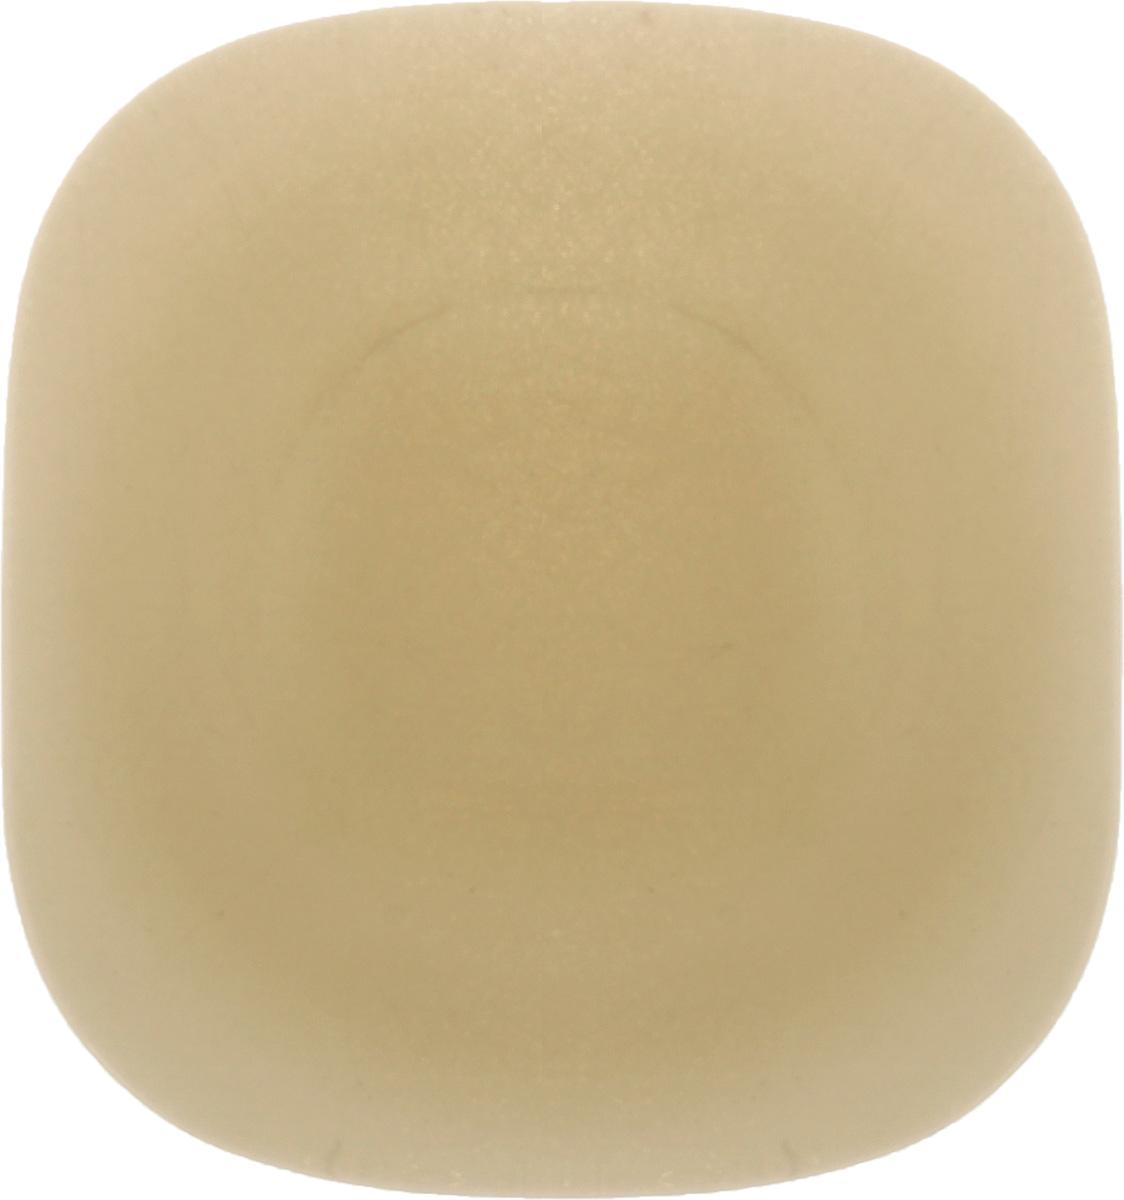 Тарелка десертная Luminarc Carine Eclipse, диаметр 19 х 19 смH0396Десертная тарелка Luminarc Carine Eclipse, изготовленная из ударопрочного стекла, имеет изысканный внешний вид. Такая тарелка прекрасно подходит как для торжественных случаев, так и для повседневного использования. Идеальна для подачи десертов, пирожных, тортов и многого другого. Она прекрасно оформит стол и станет отличным дополнением к вашей коллекции кухонной посуды. Размер тарелки (по верхнему краю): 19 см. Высота тарелки: 1,7 см.